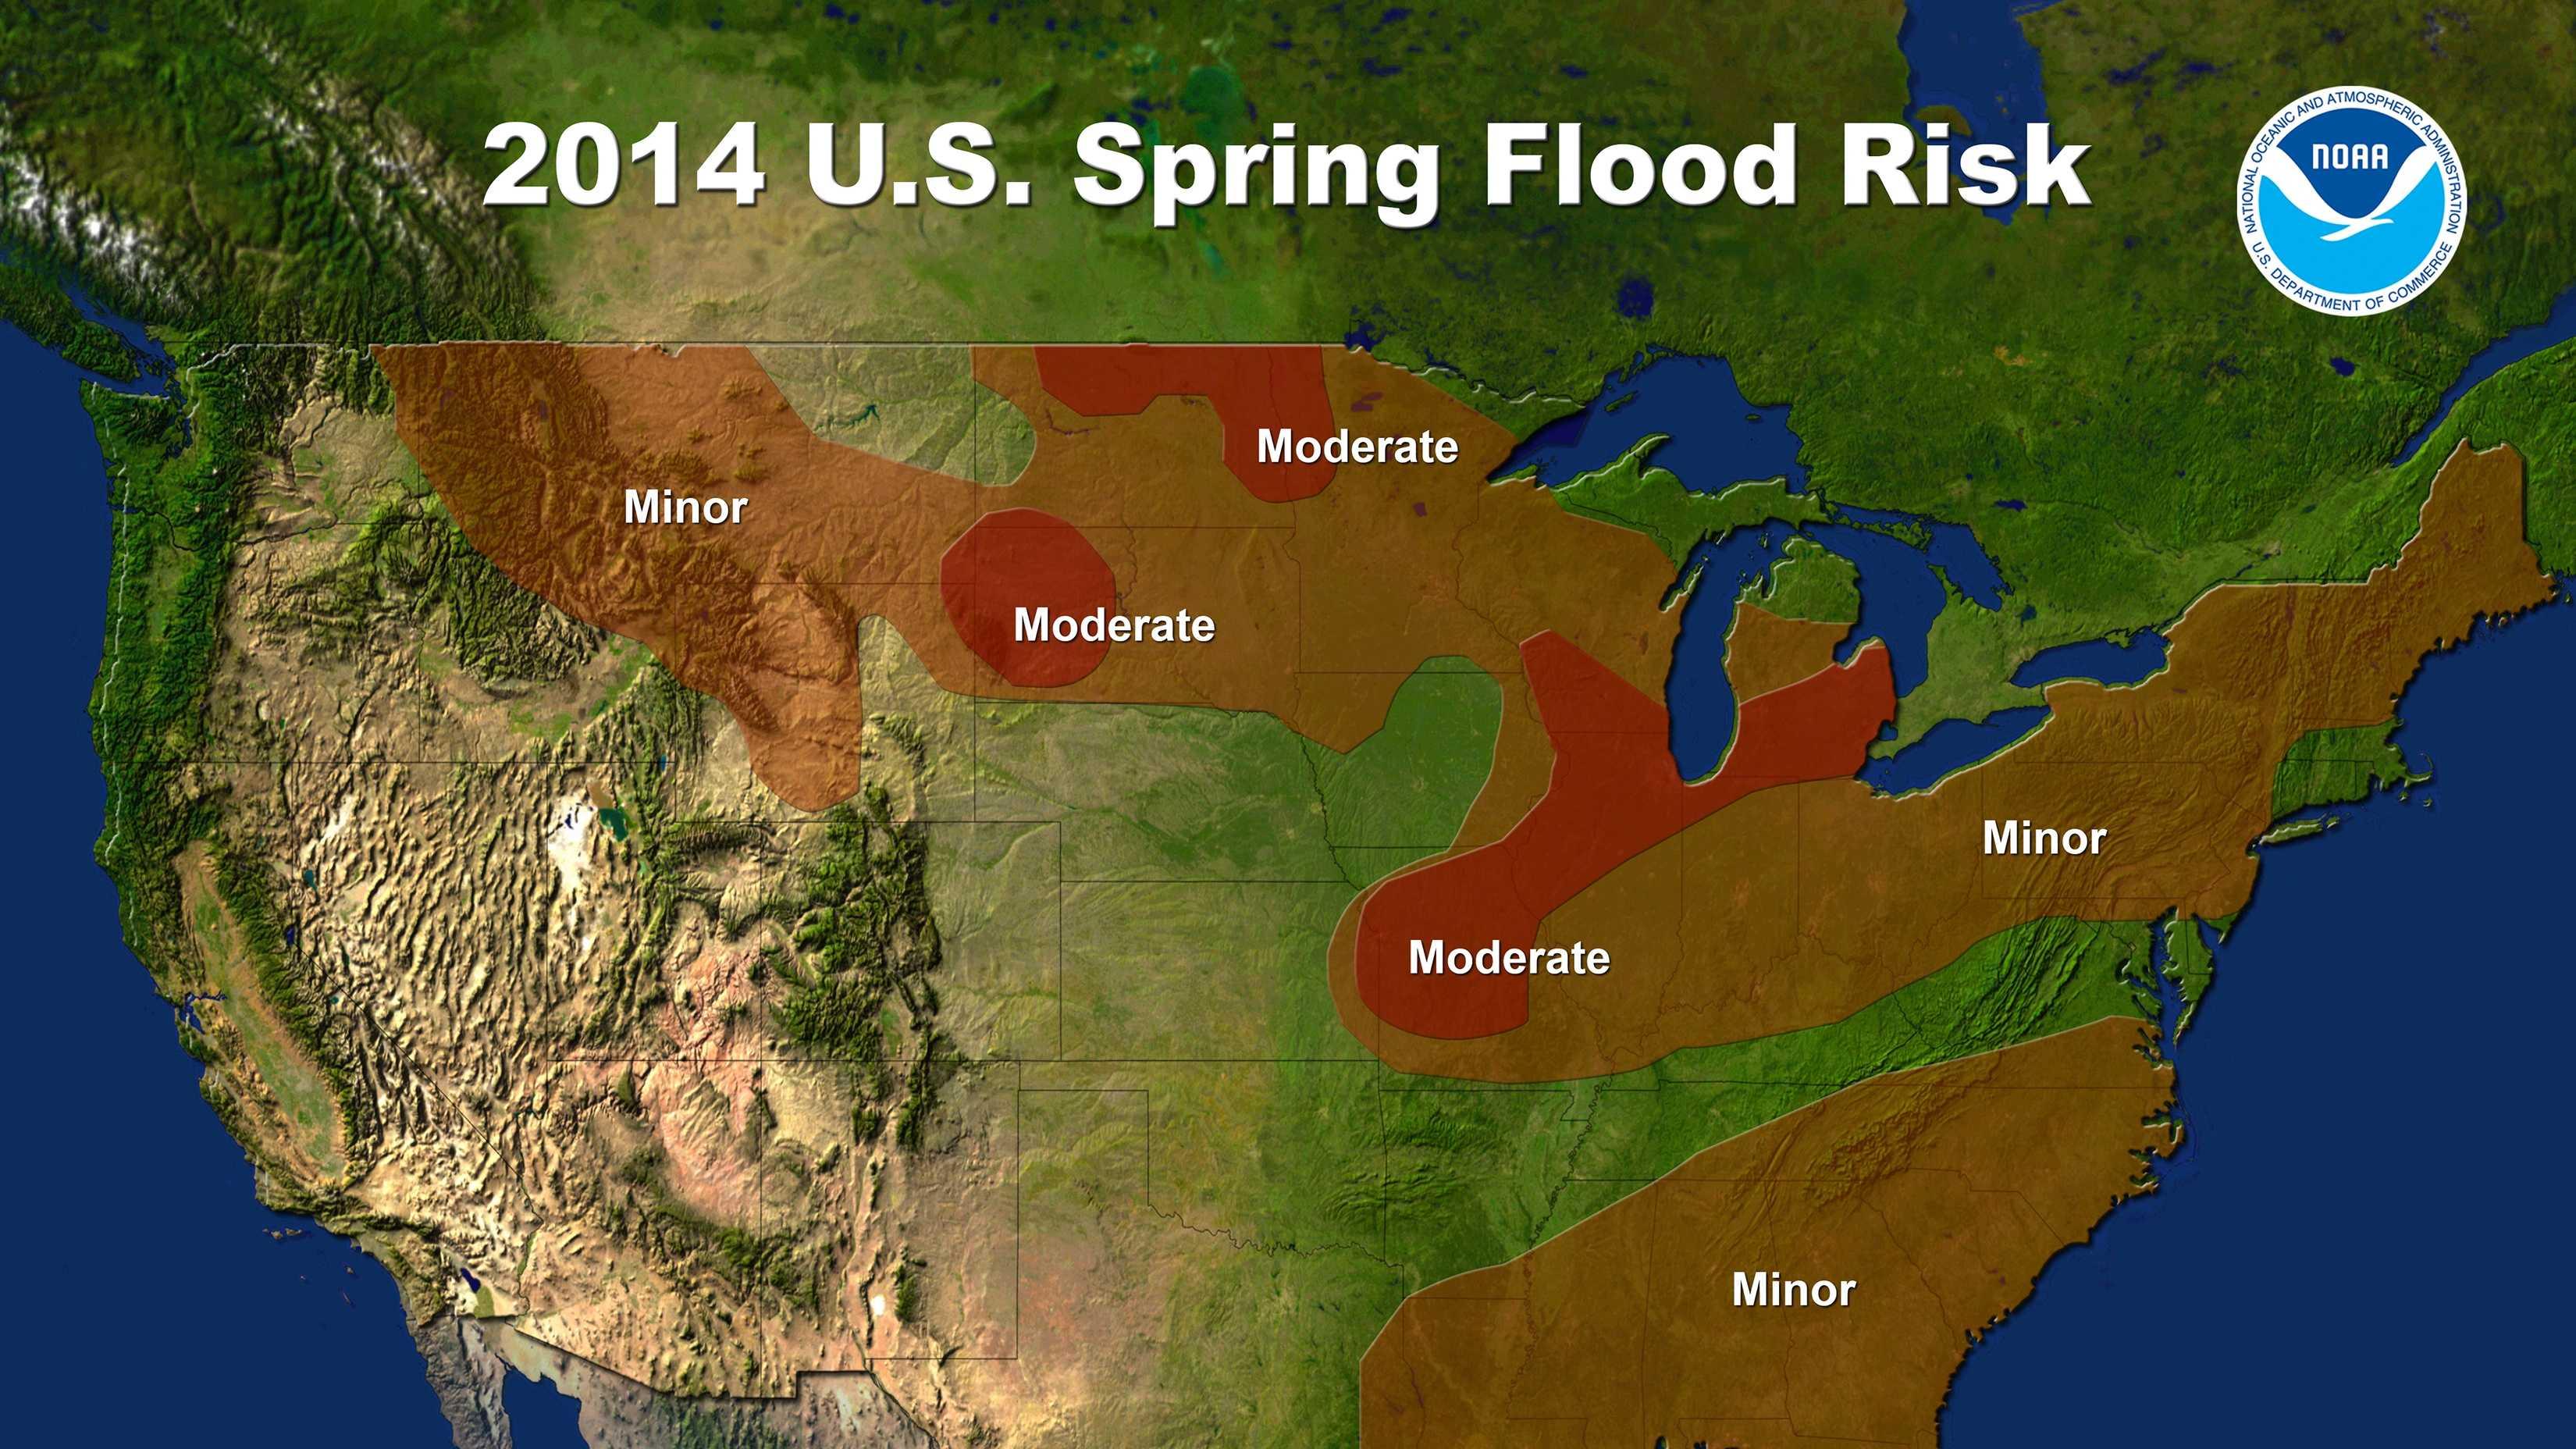 2014 U.S Spring Flood Risk